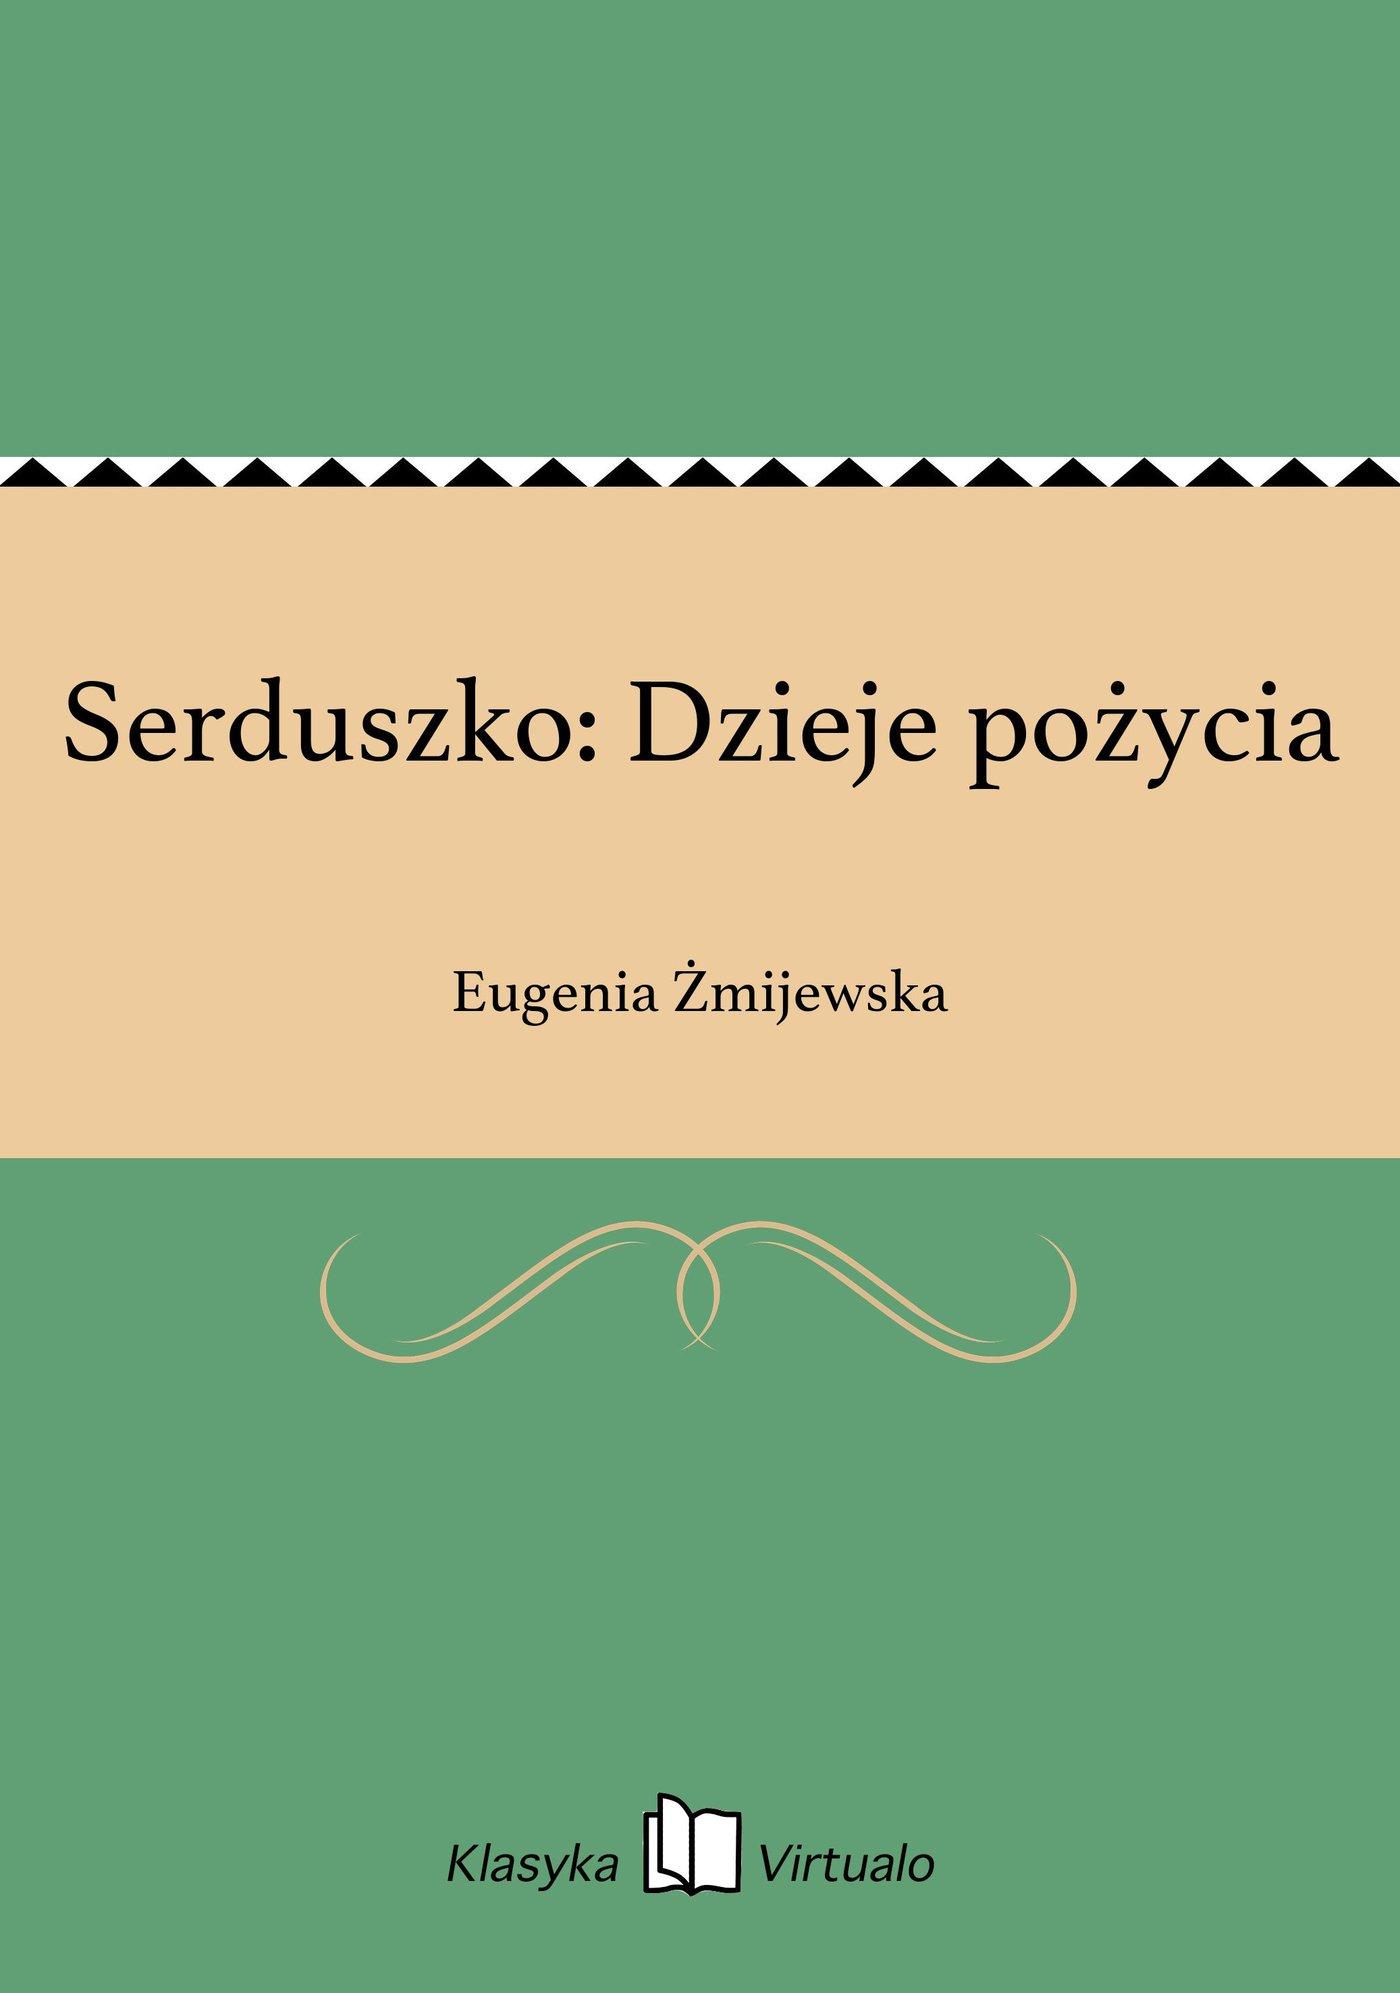 Serduszko: Dzieje pożycia - Ebook (Książka EPUB) do pobrania w formacie EPUB